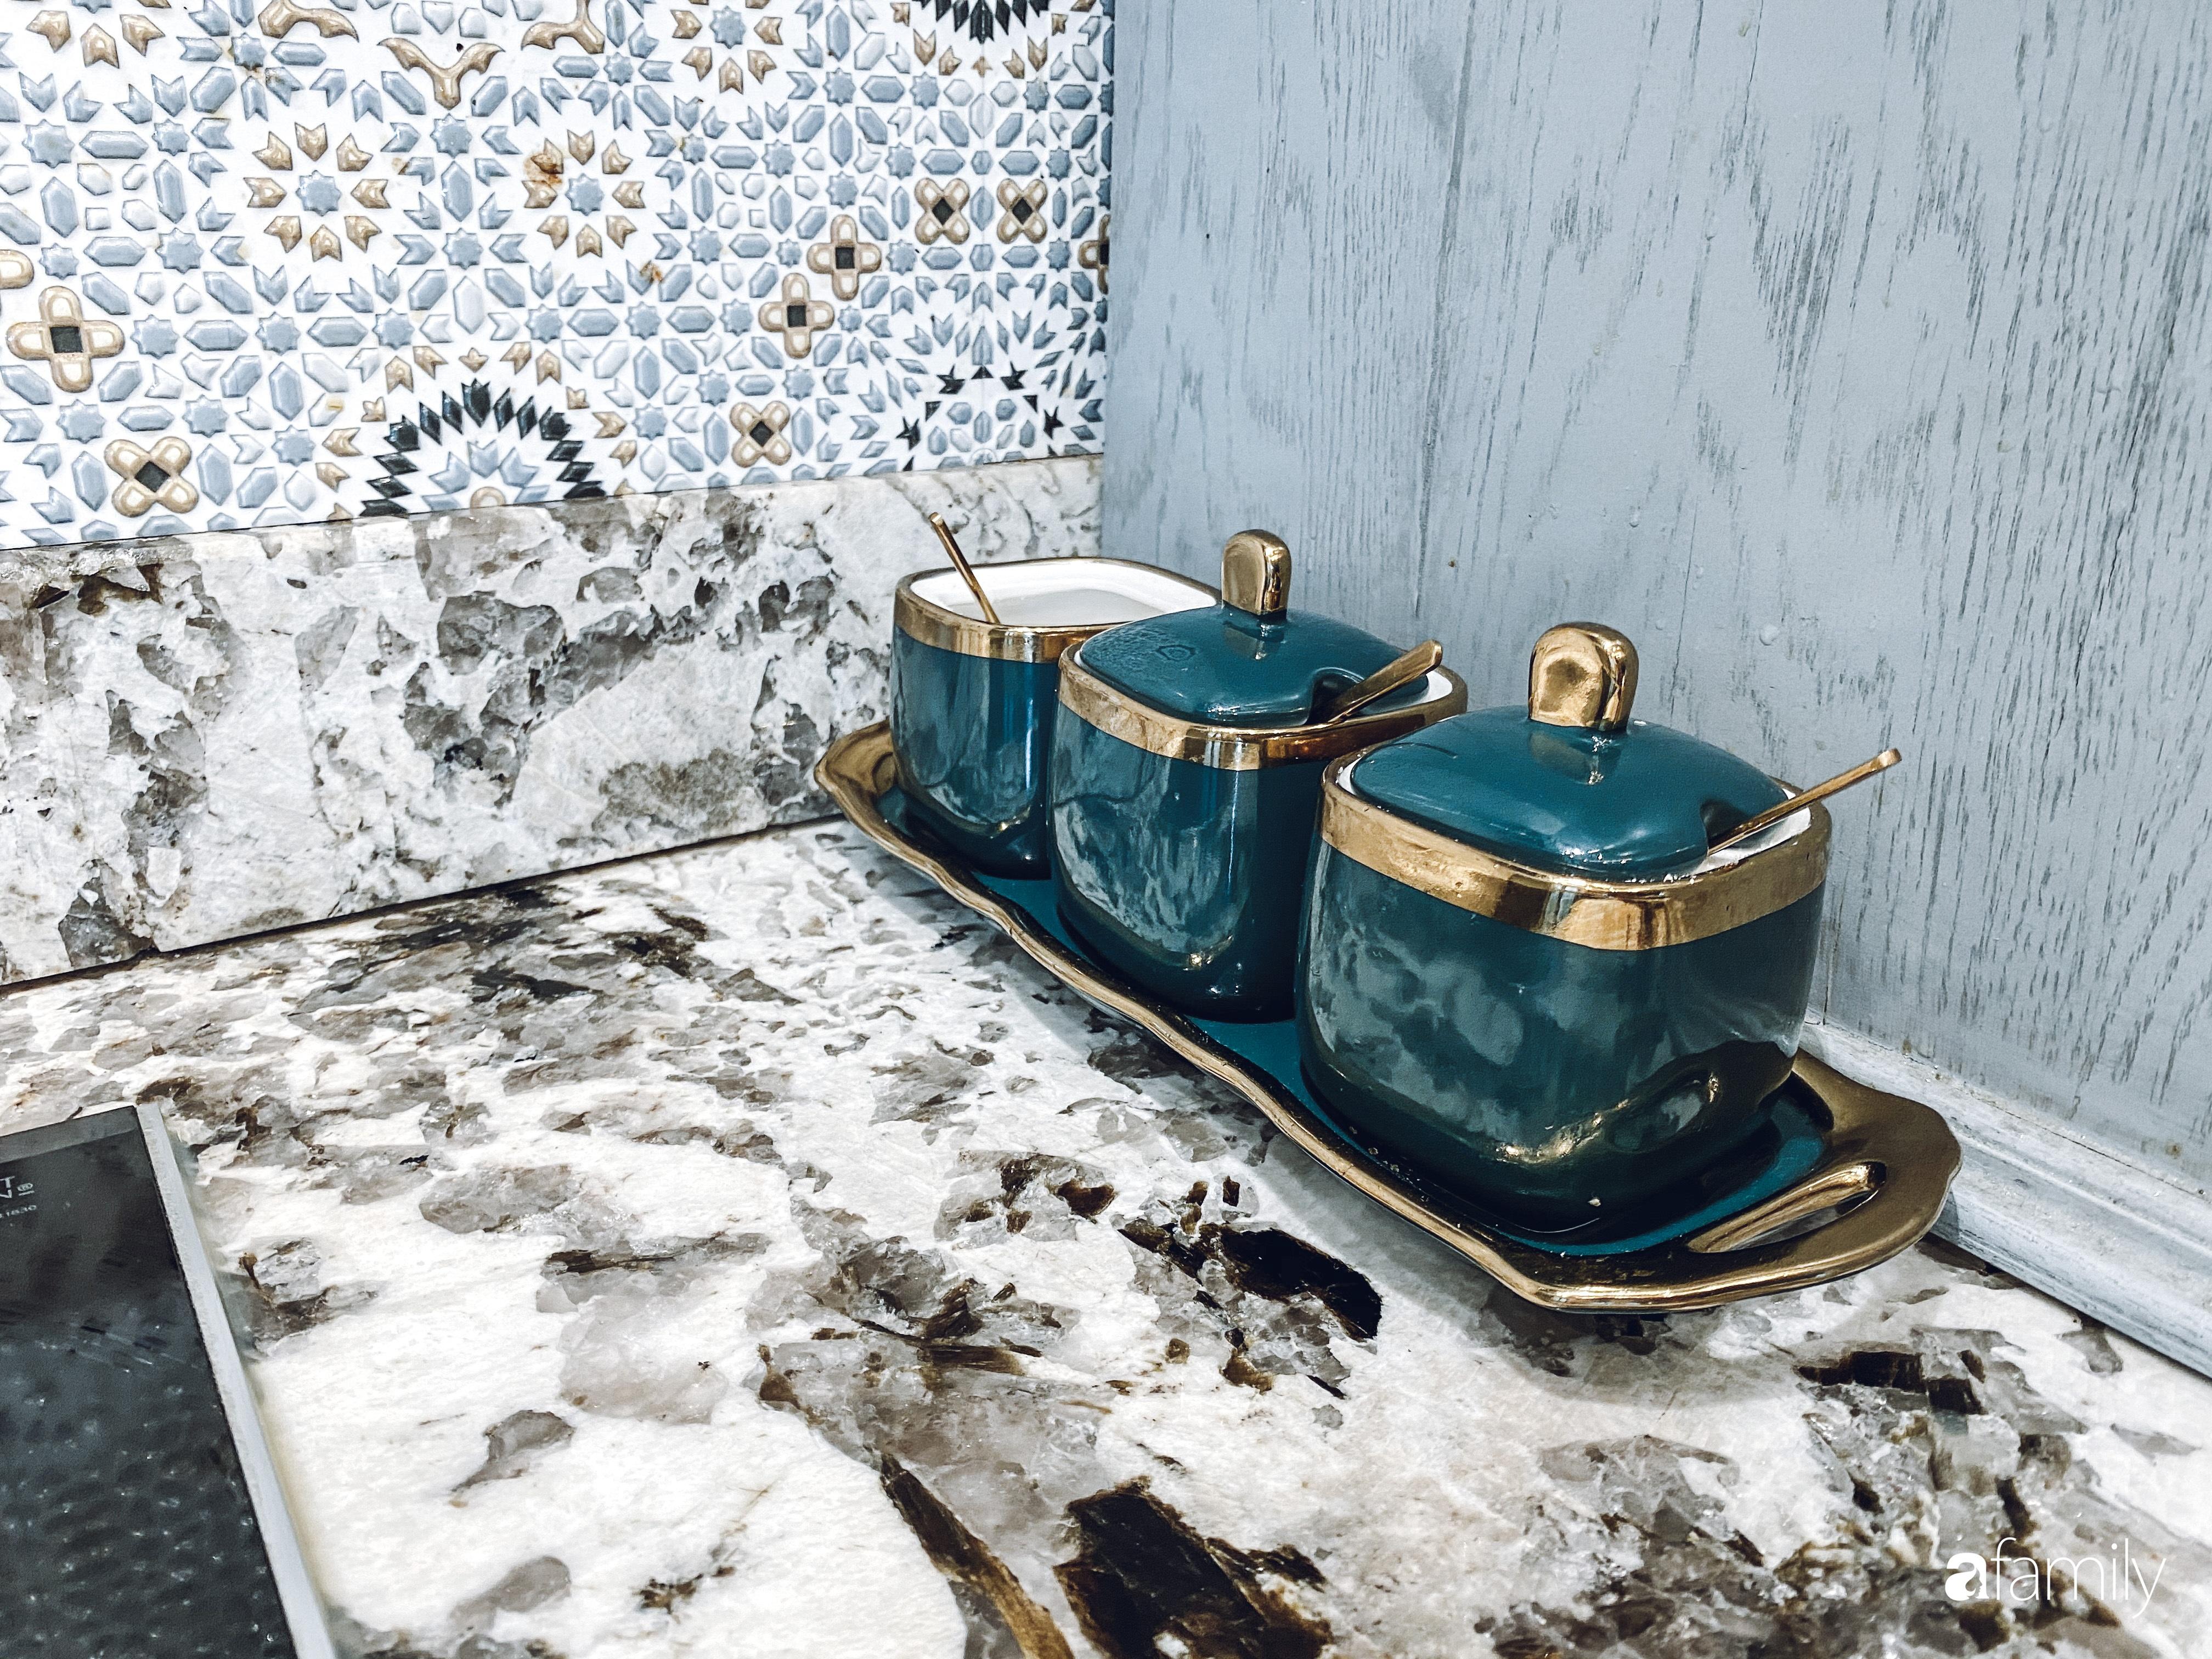 """""""Nghiện"""" sắm đồ bếp, hot mom Thủy Anh vợ Đăng Khôi tự decor không gian nấu nướng đẹp sang chảnh ngút ngàn - Ảnh 18."""